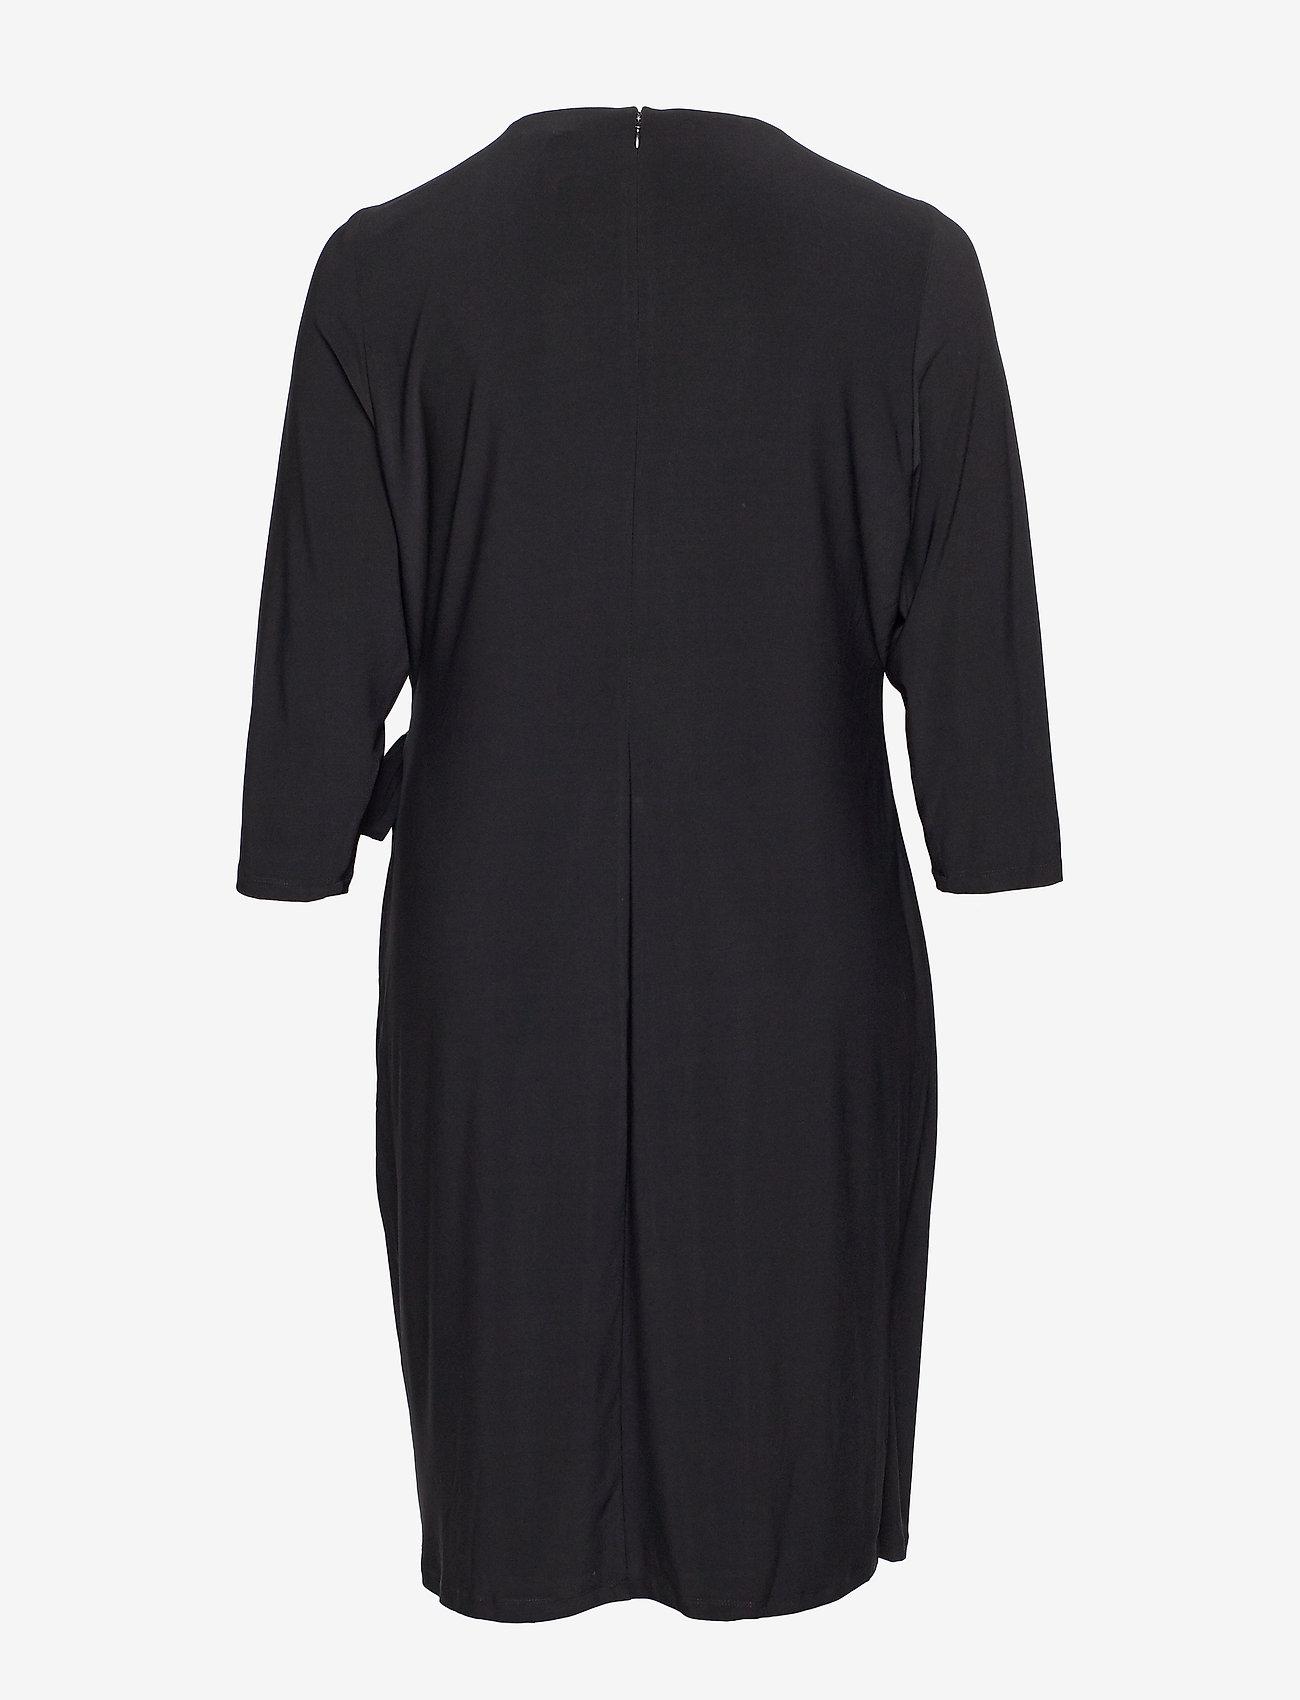 Robbyann-3/4 Sleeve-day Dress (Black/lauren Whit) (1049.40 kr) - Lauren Women